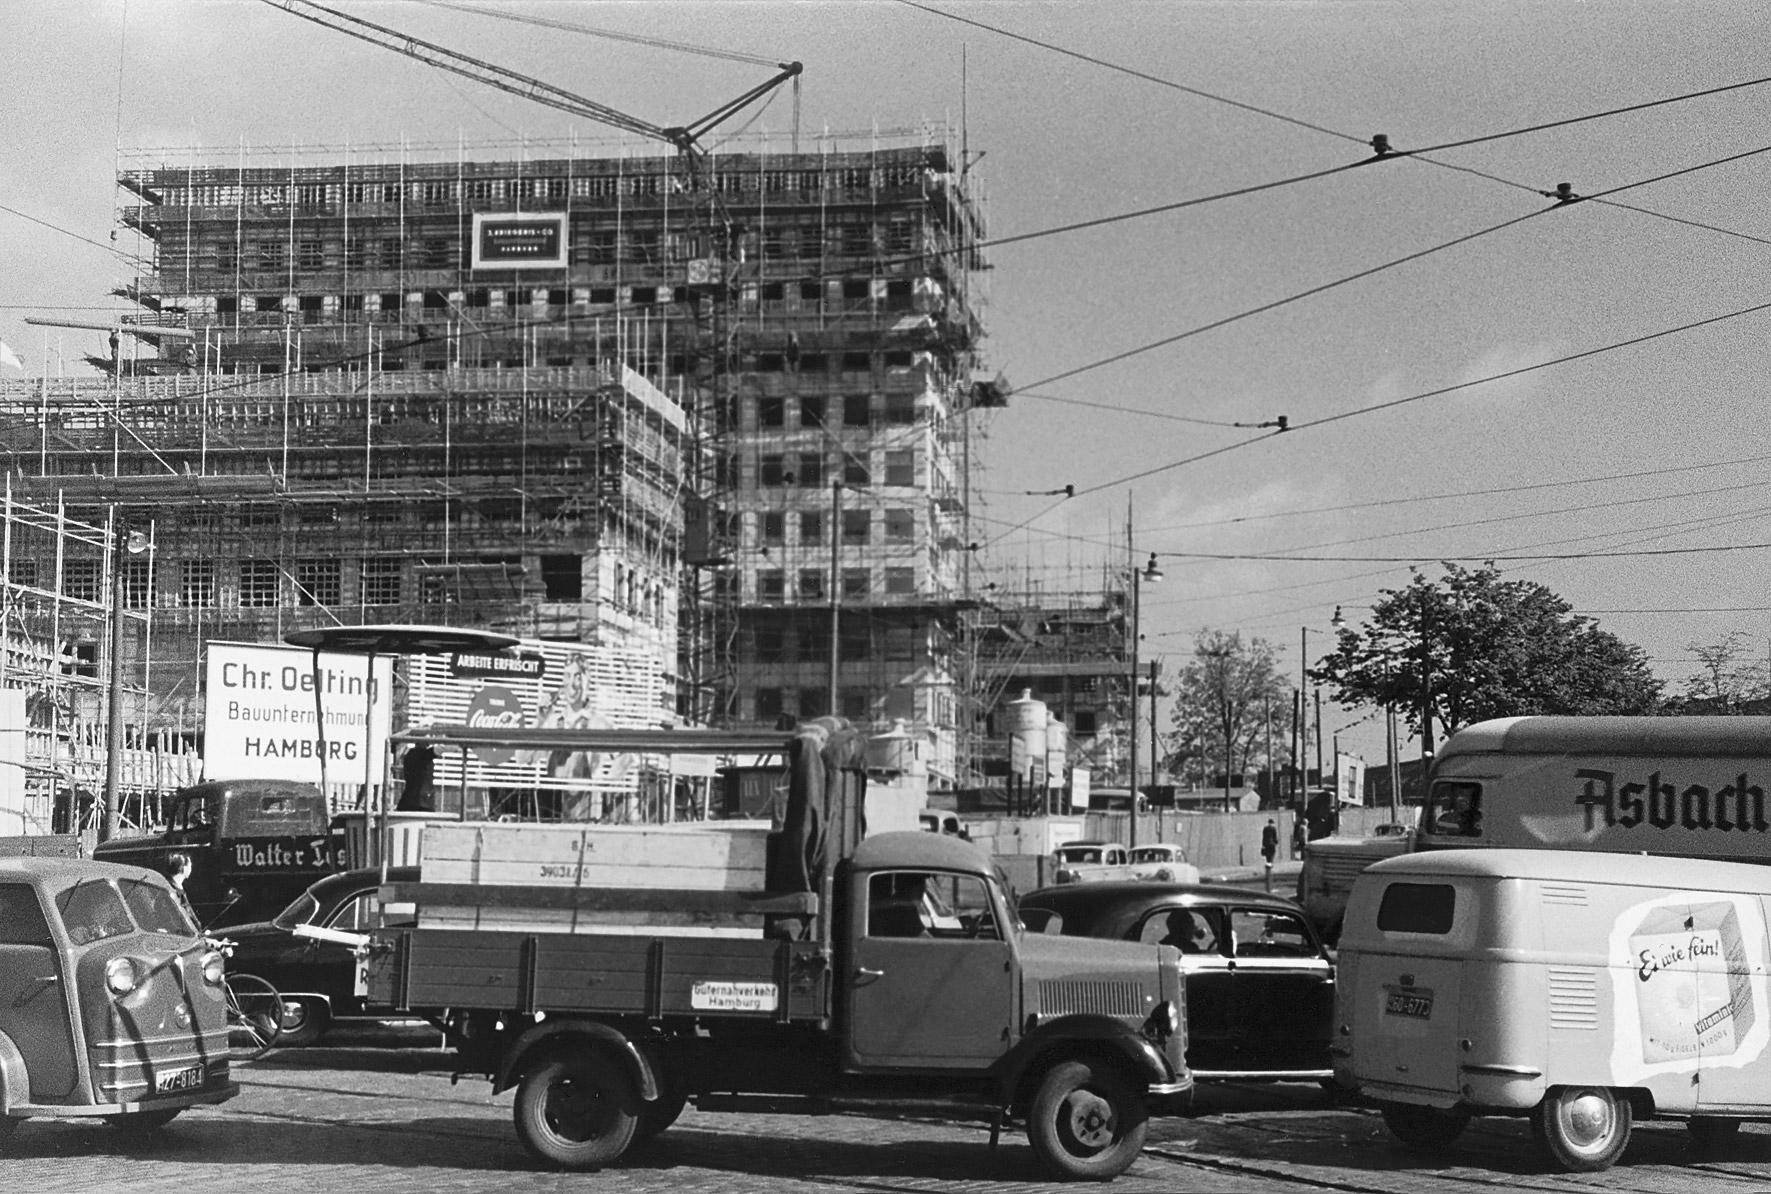 Die Baustelle City Hof 1956.